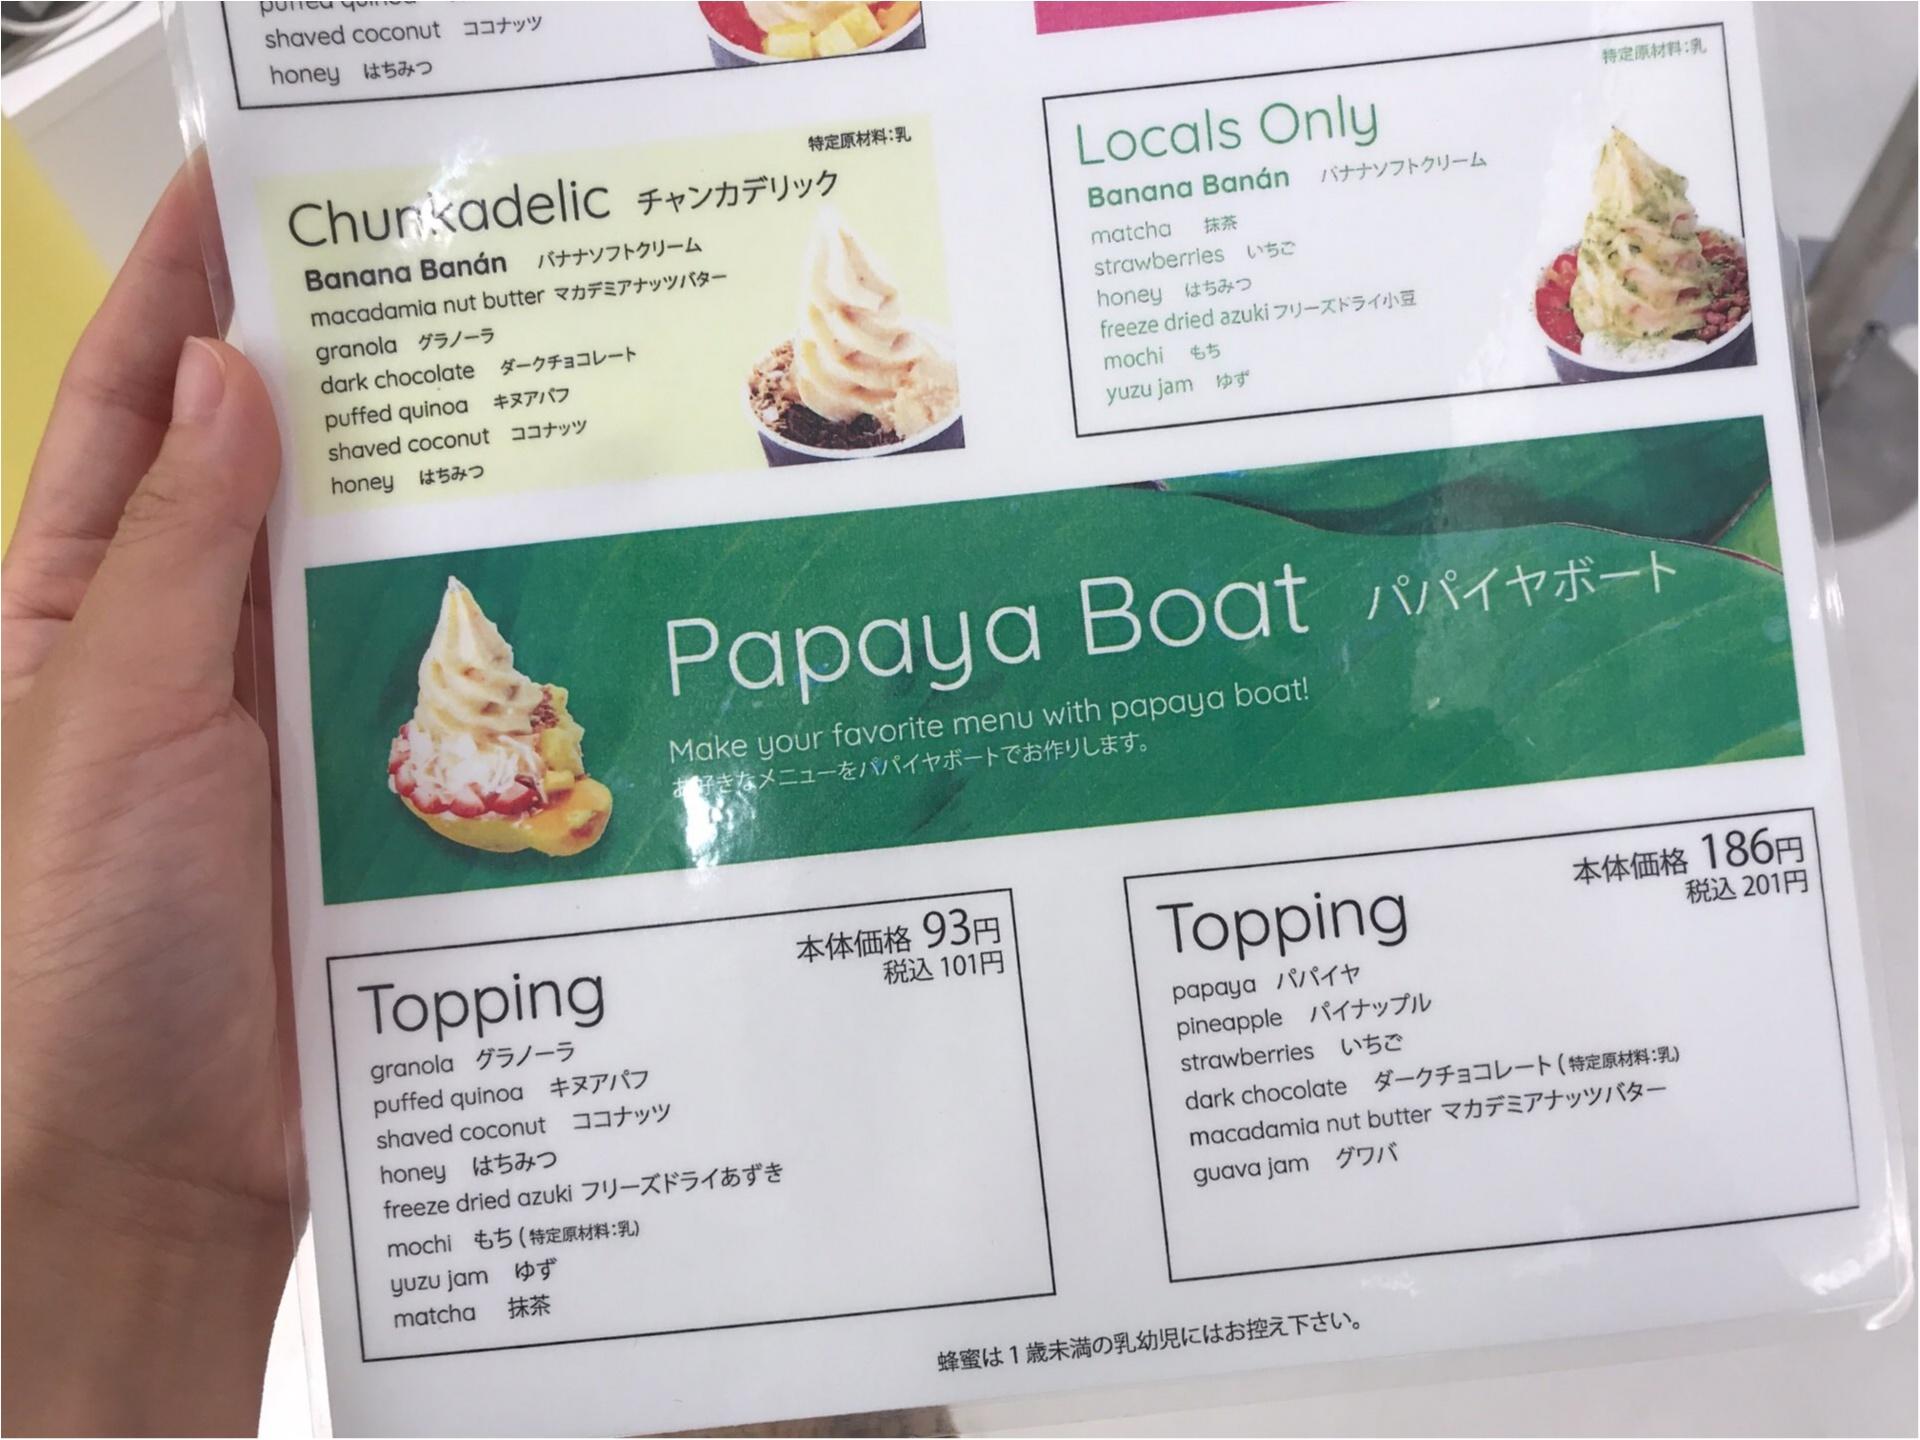 超ヘルシー!砂糖・乳製品不使用!ハワイ発【Banan(バナン)】が横浜に日本初上陸♡_5